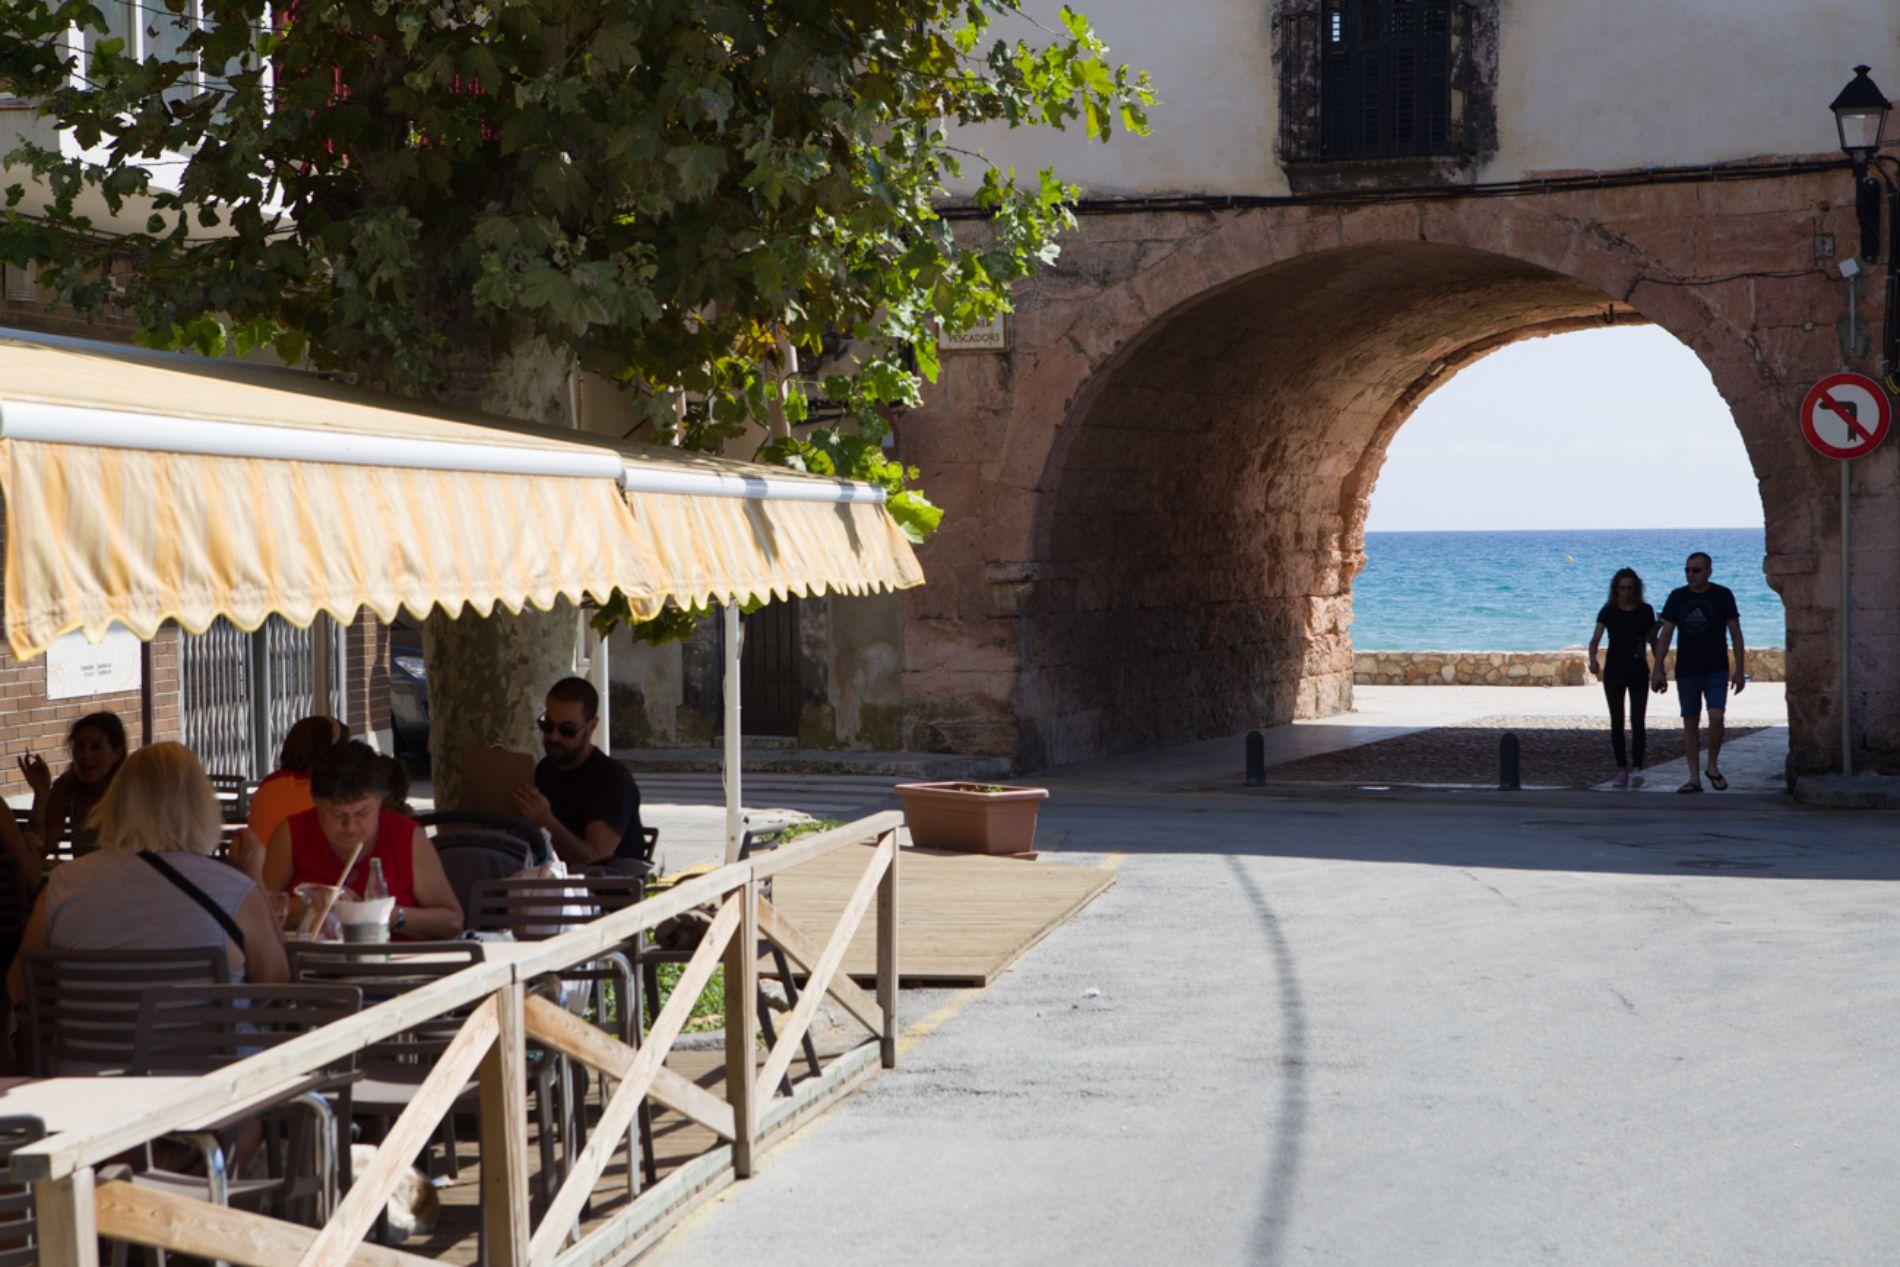 Un pasadizo conecta el Carrer Pescadors con el Carrer Botigues de Mar.